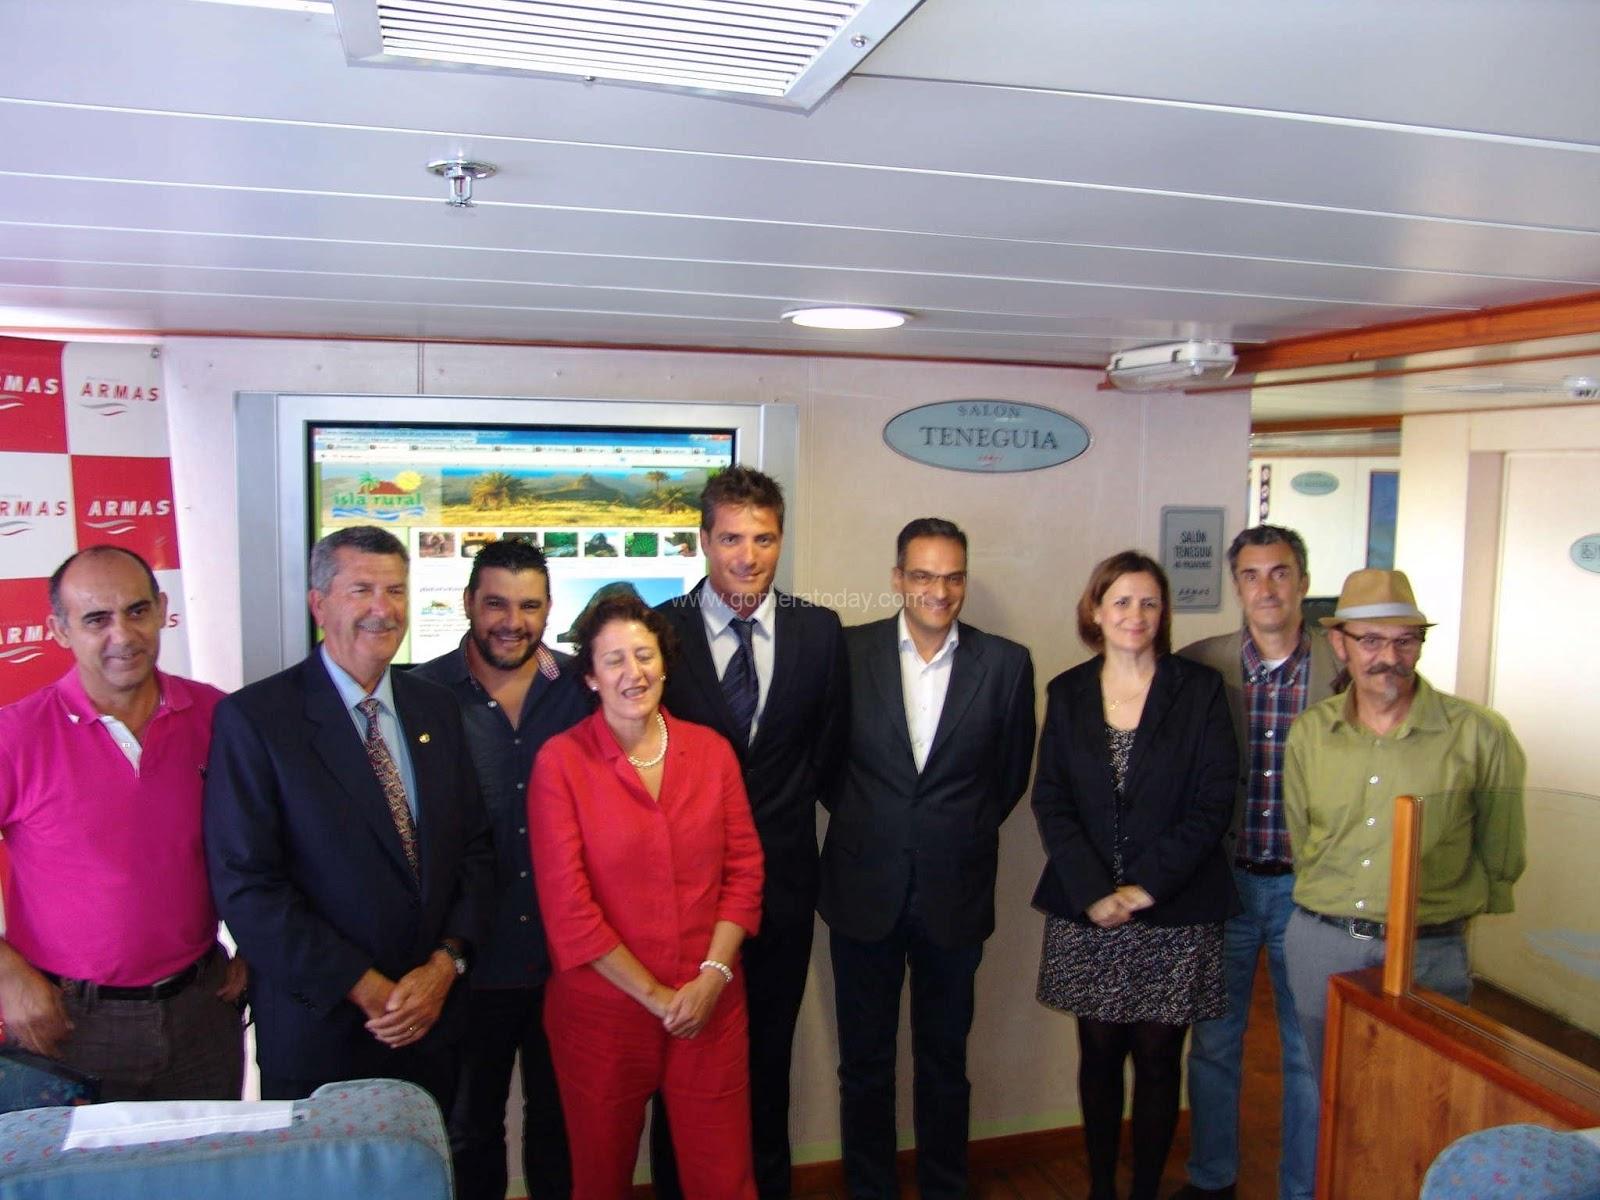 Navieraarmasblog presentada la asociaci n isla rural en for Oficina naviera armas